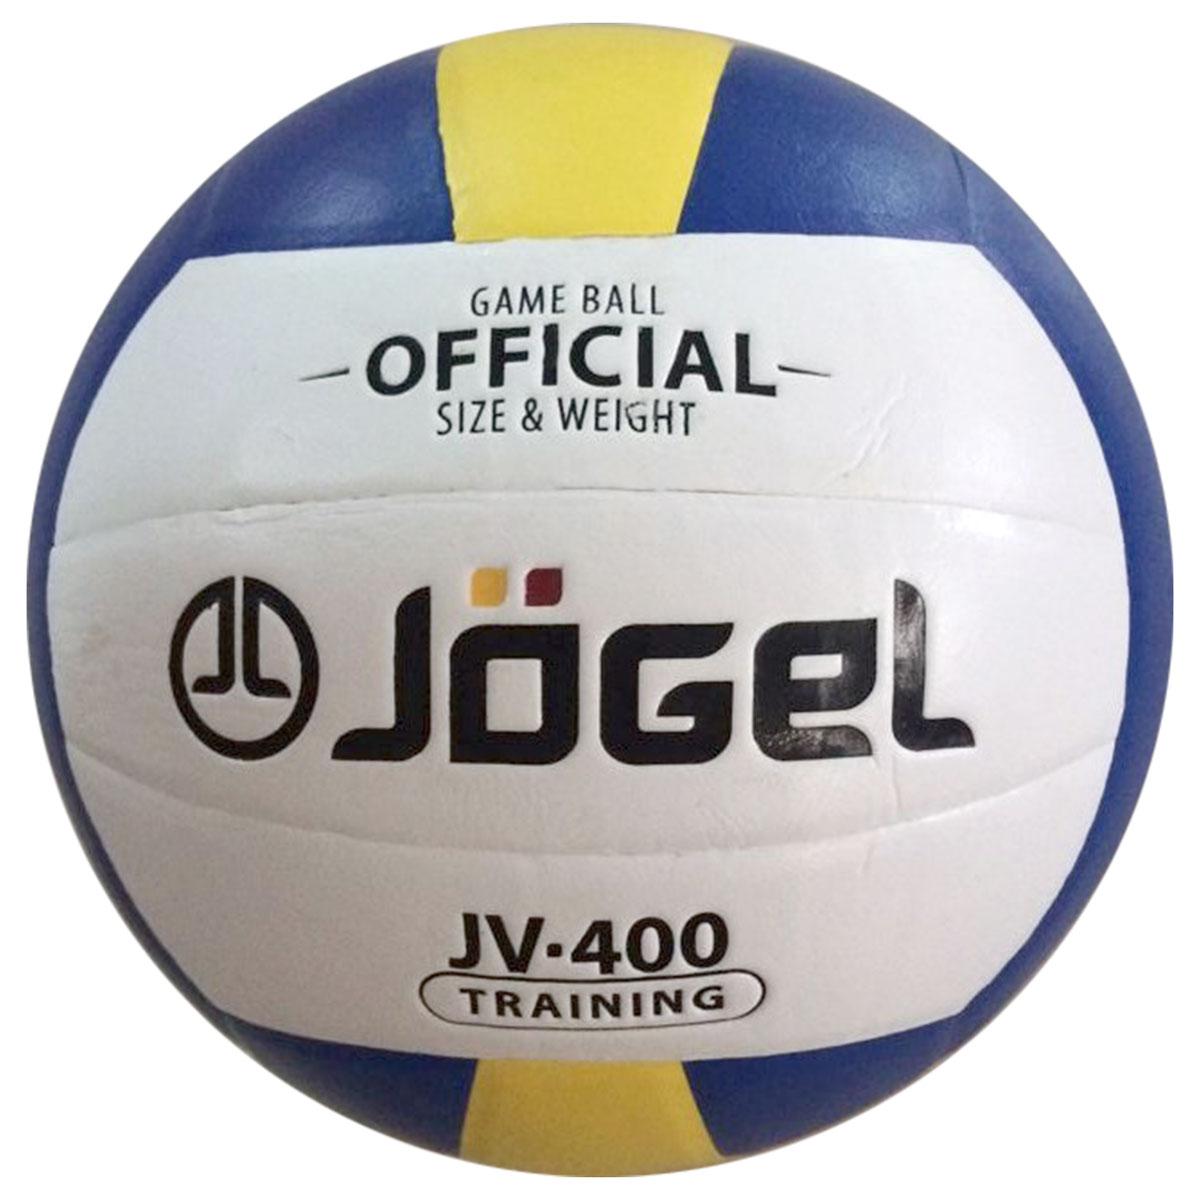 Мяч волейбольный Jogel, цвет: синий, желтый. Размер 5. JV-400 мячи спортивные jogel мяч волейбольный jogel jv 550